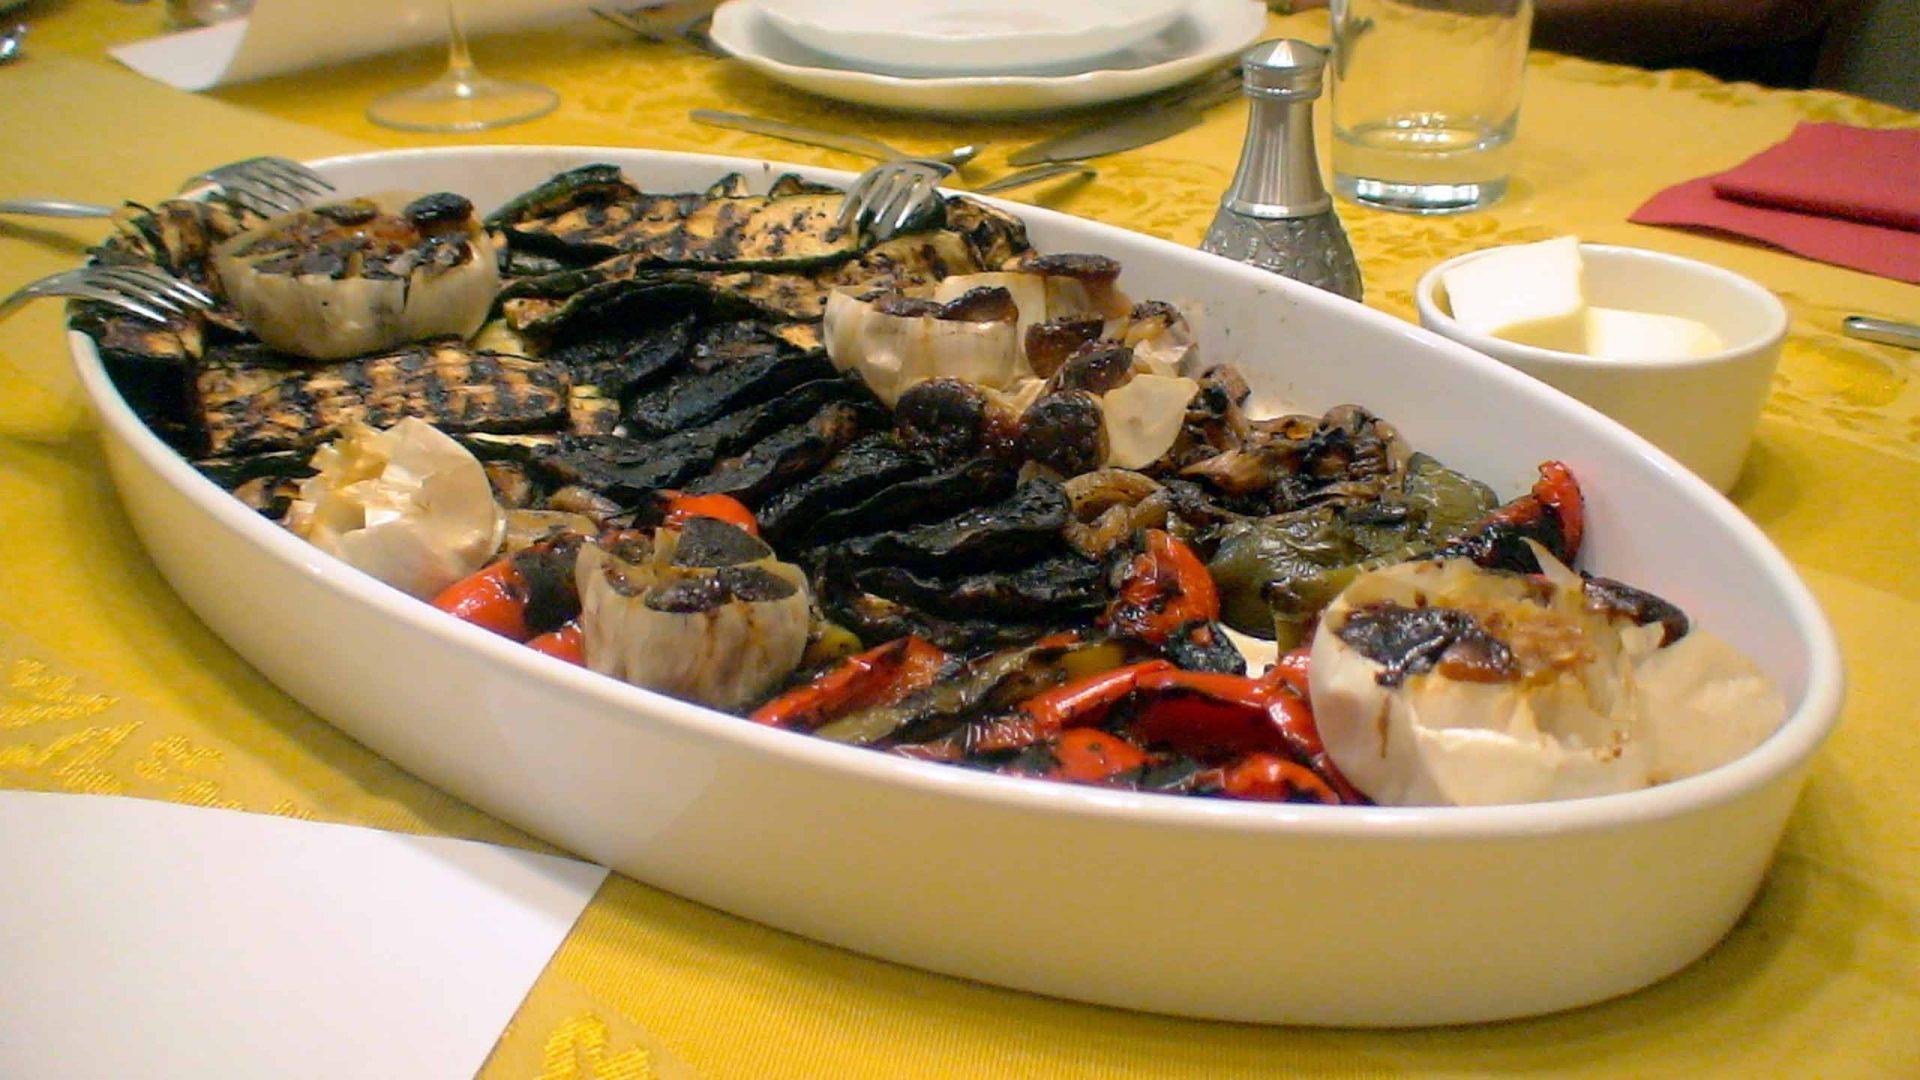 ירקות על הפלנצ'ה עם פוקצ'ה על אבן שמוט